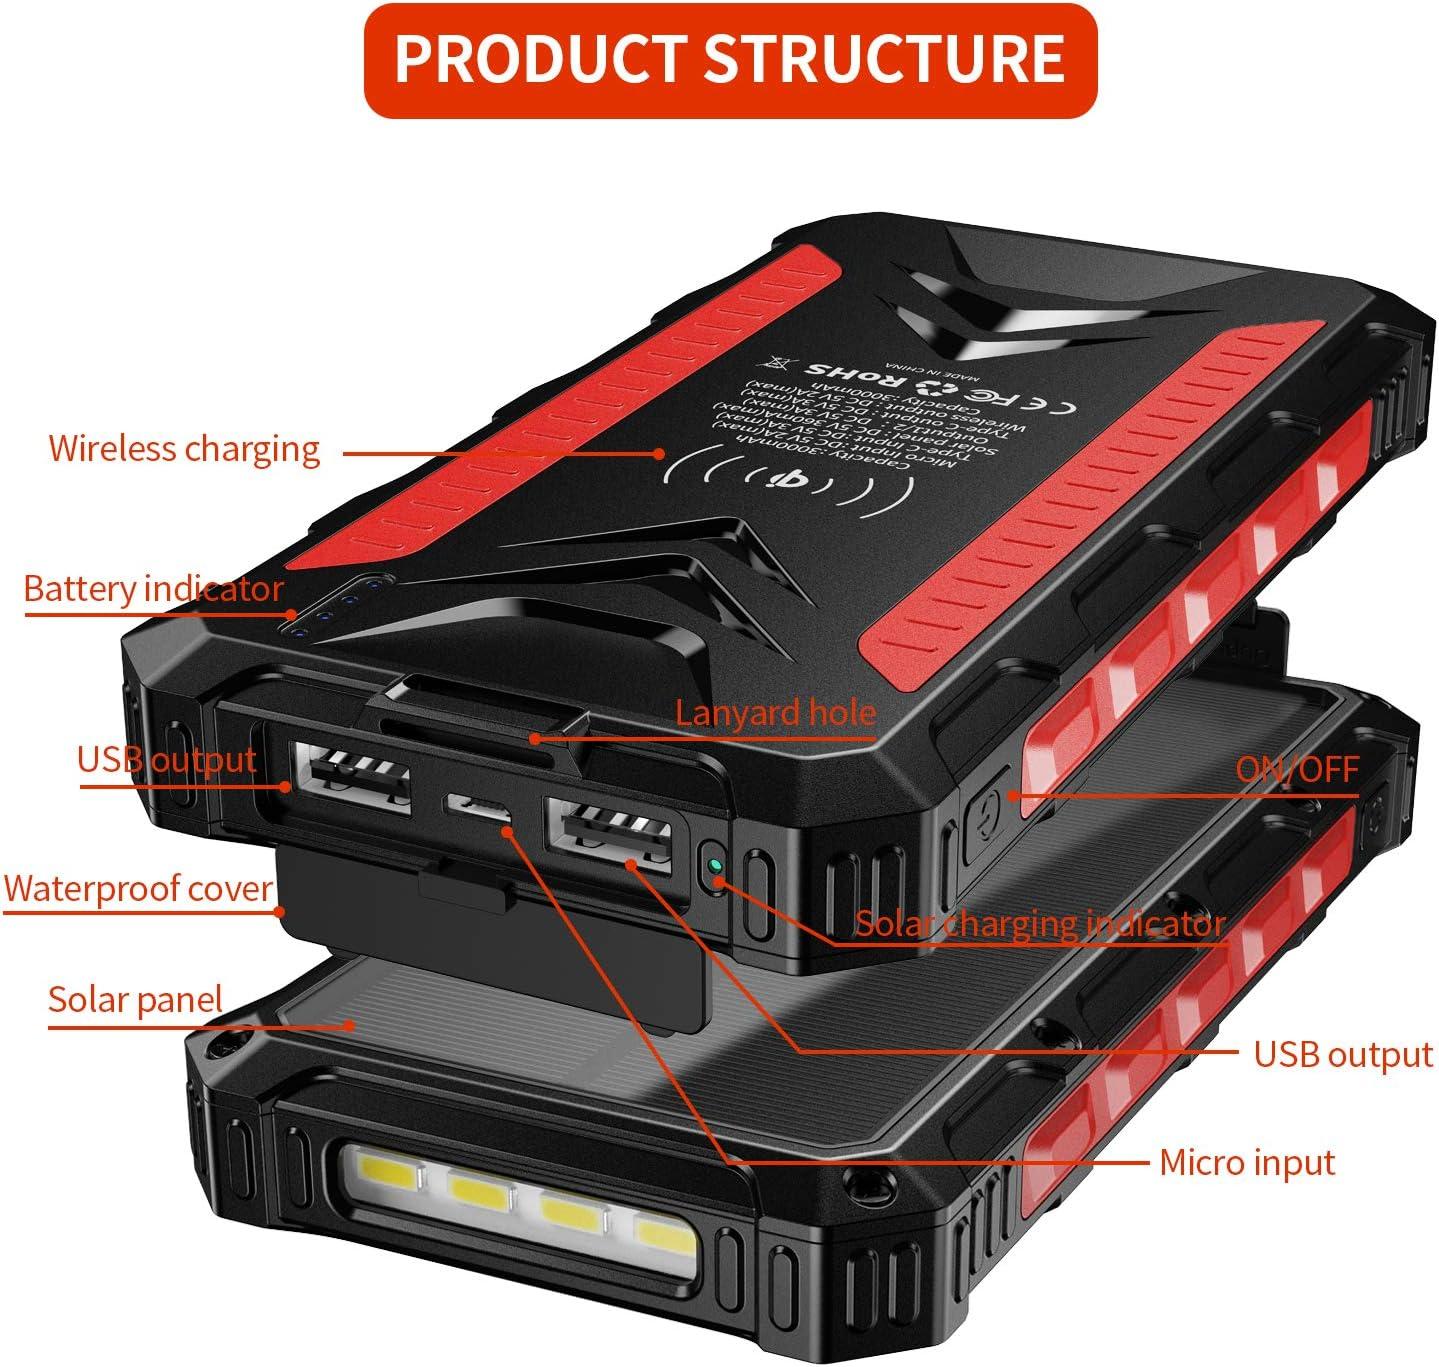 Banco de energ/ía Solar 30000mAh Cargador Solar port/átil Cargador inal/ámbrico Qi Salidas 5V 3A de Alta Velocidad y entradas duales Paquete de bater/ías de Gran Capacidad para tel/éfonos Inteligentes